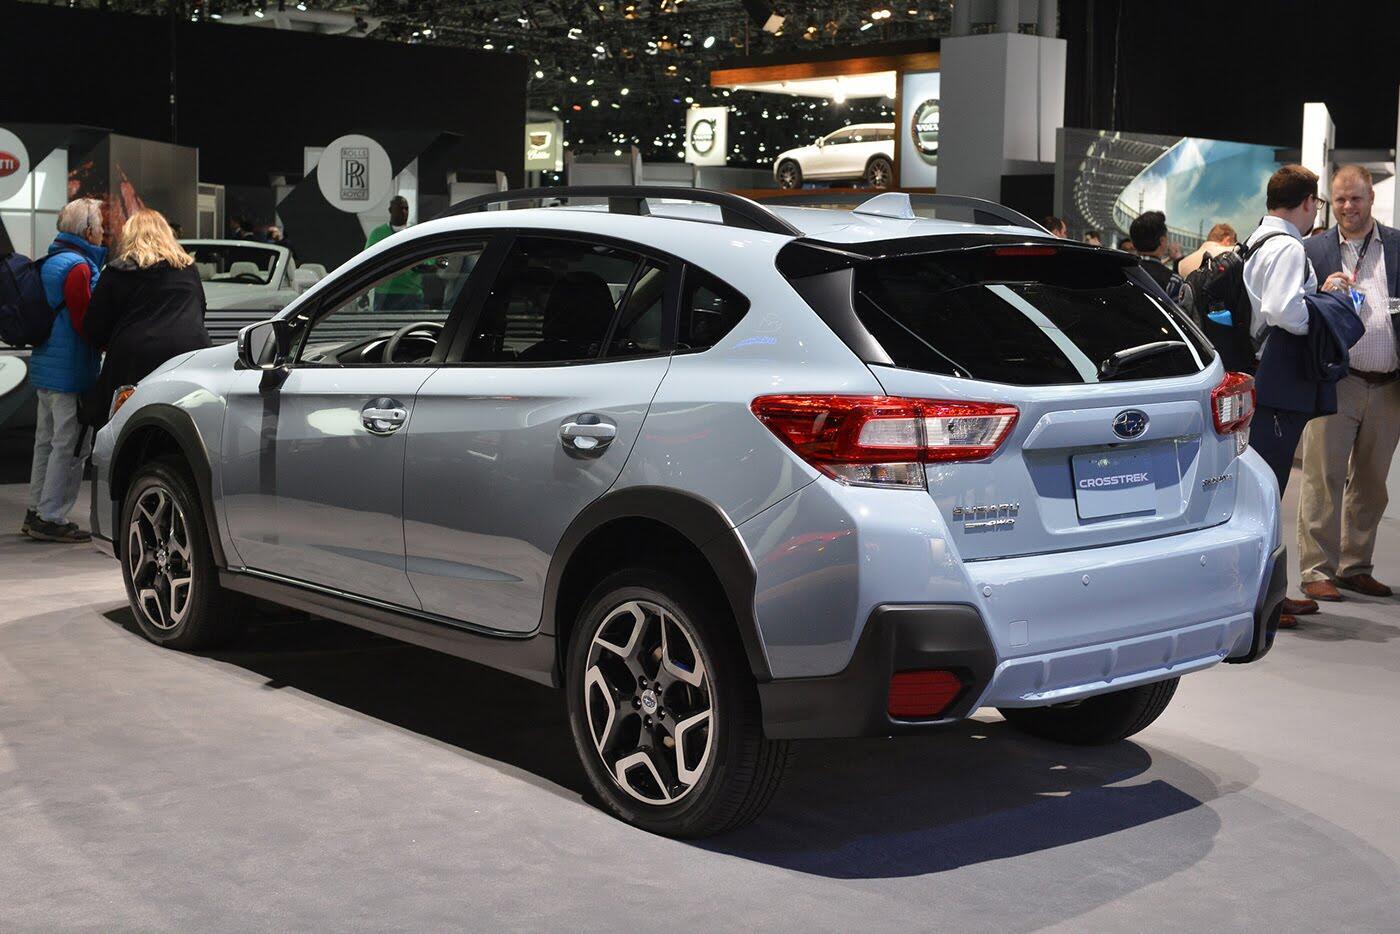 Tò mò ngắm đối thủ của Honda CR-V - Hình 3